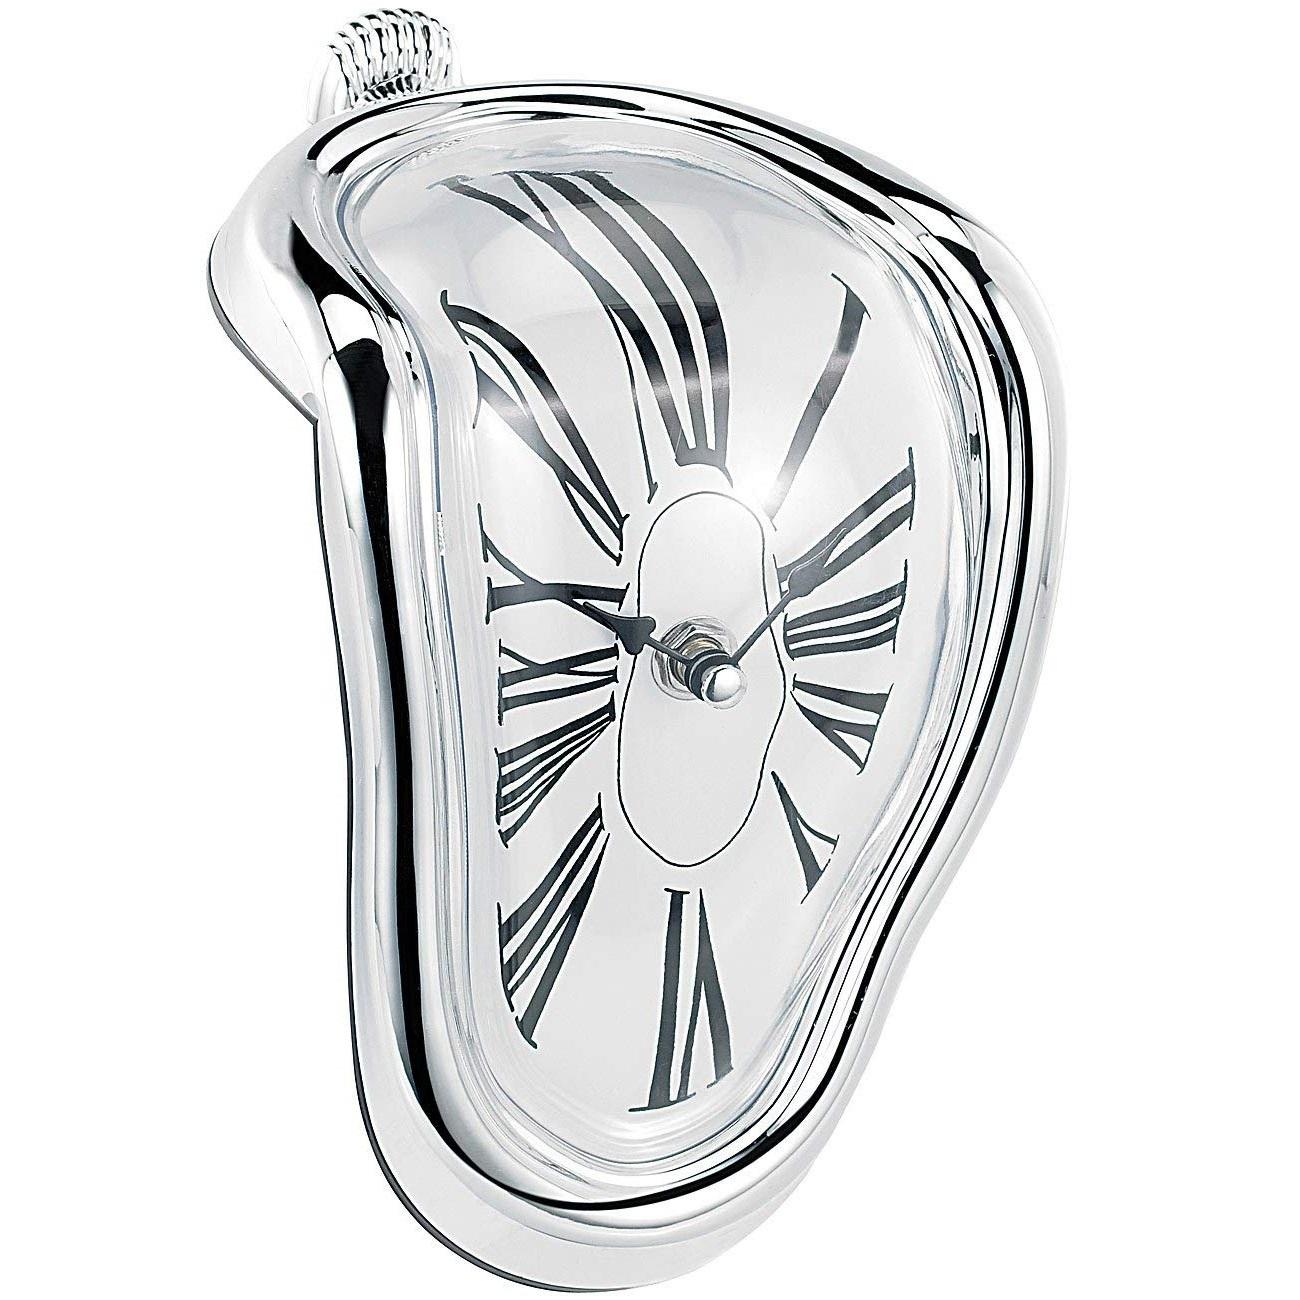 Zerfließende Uhr